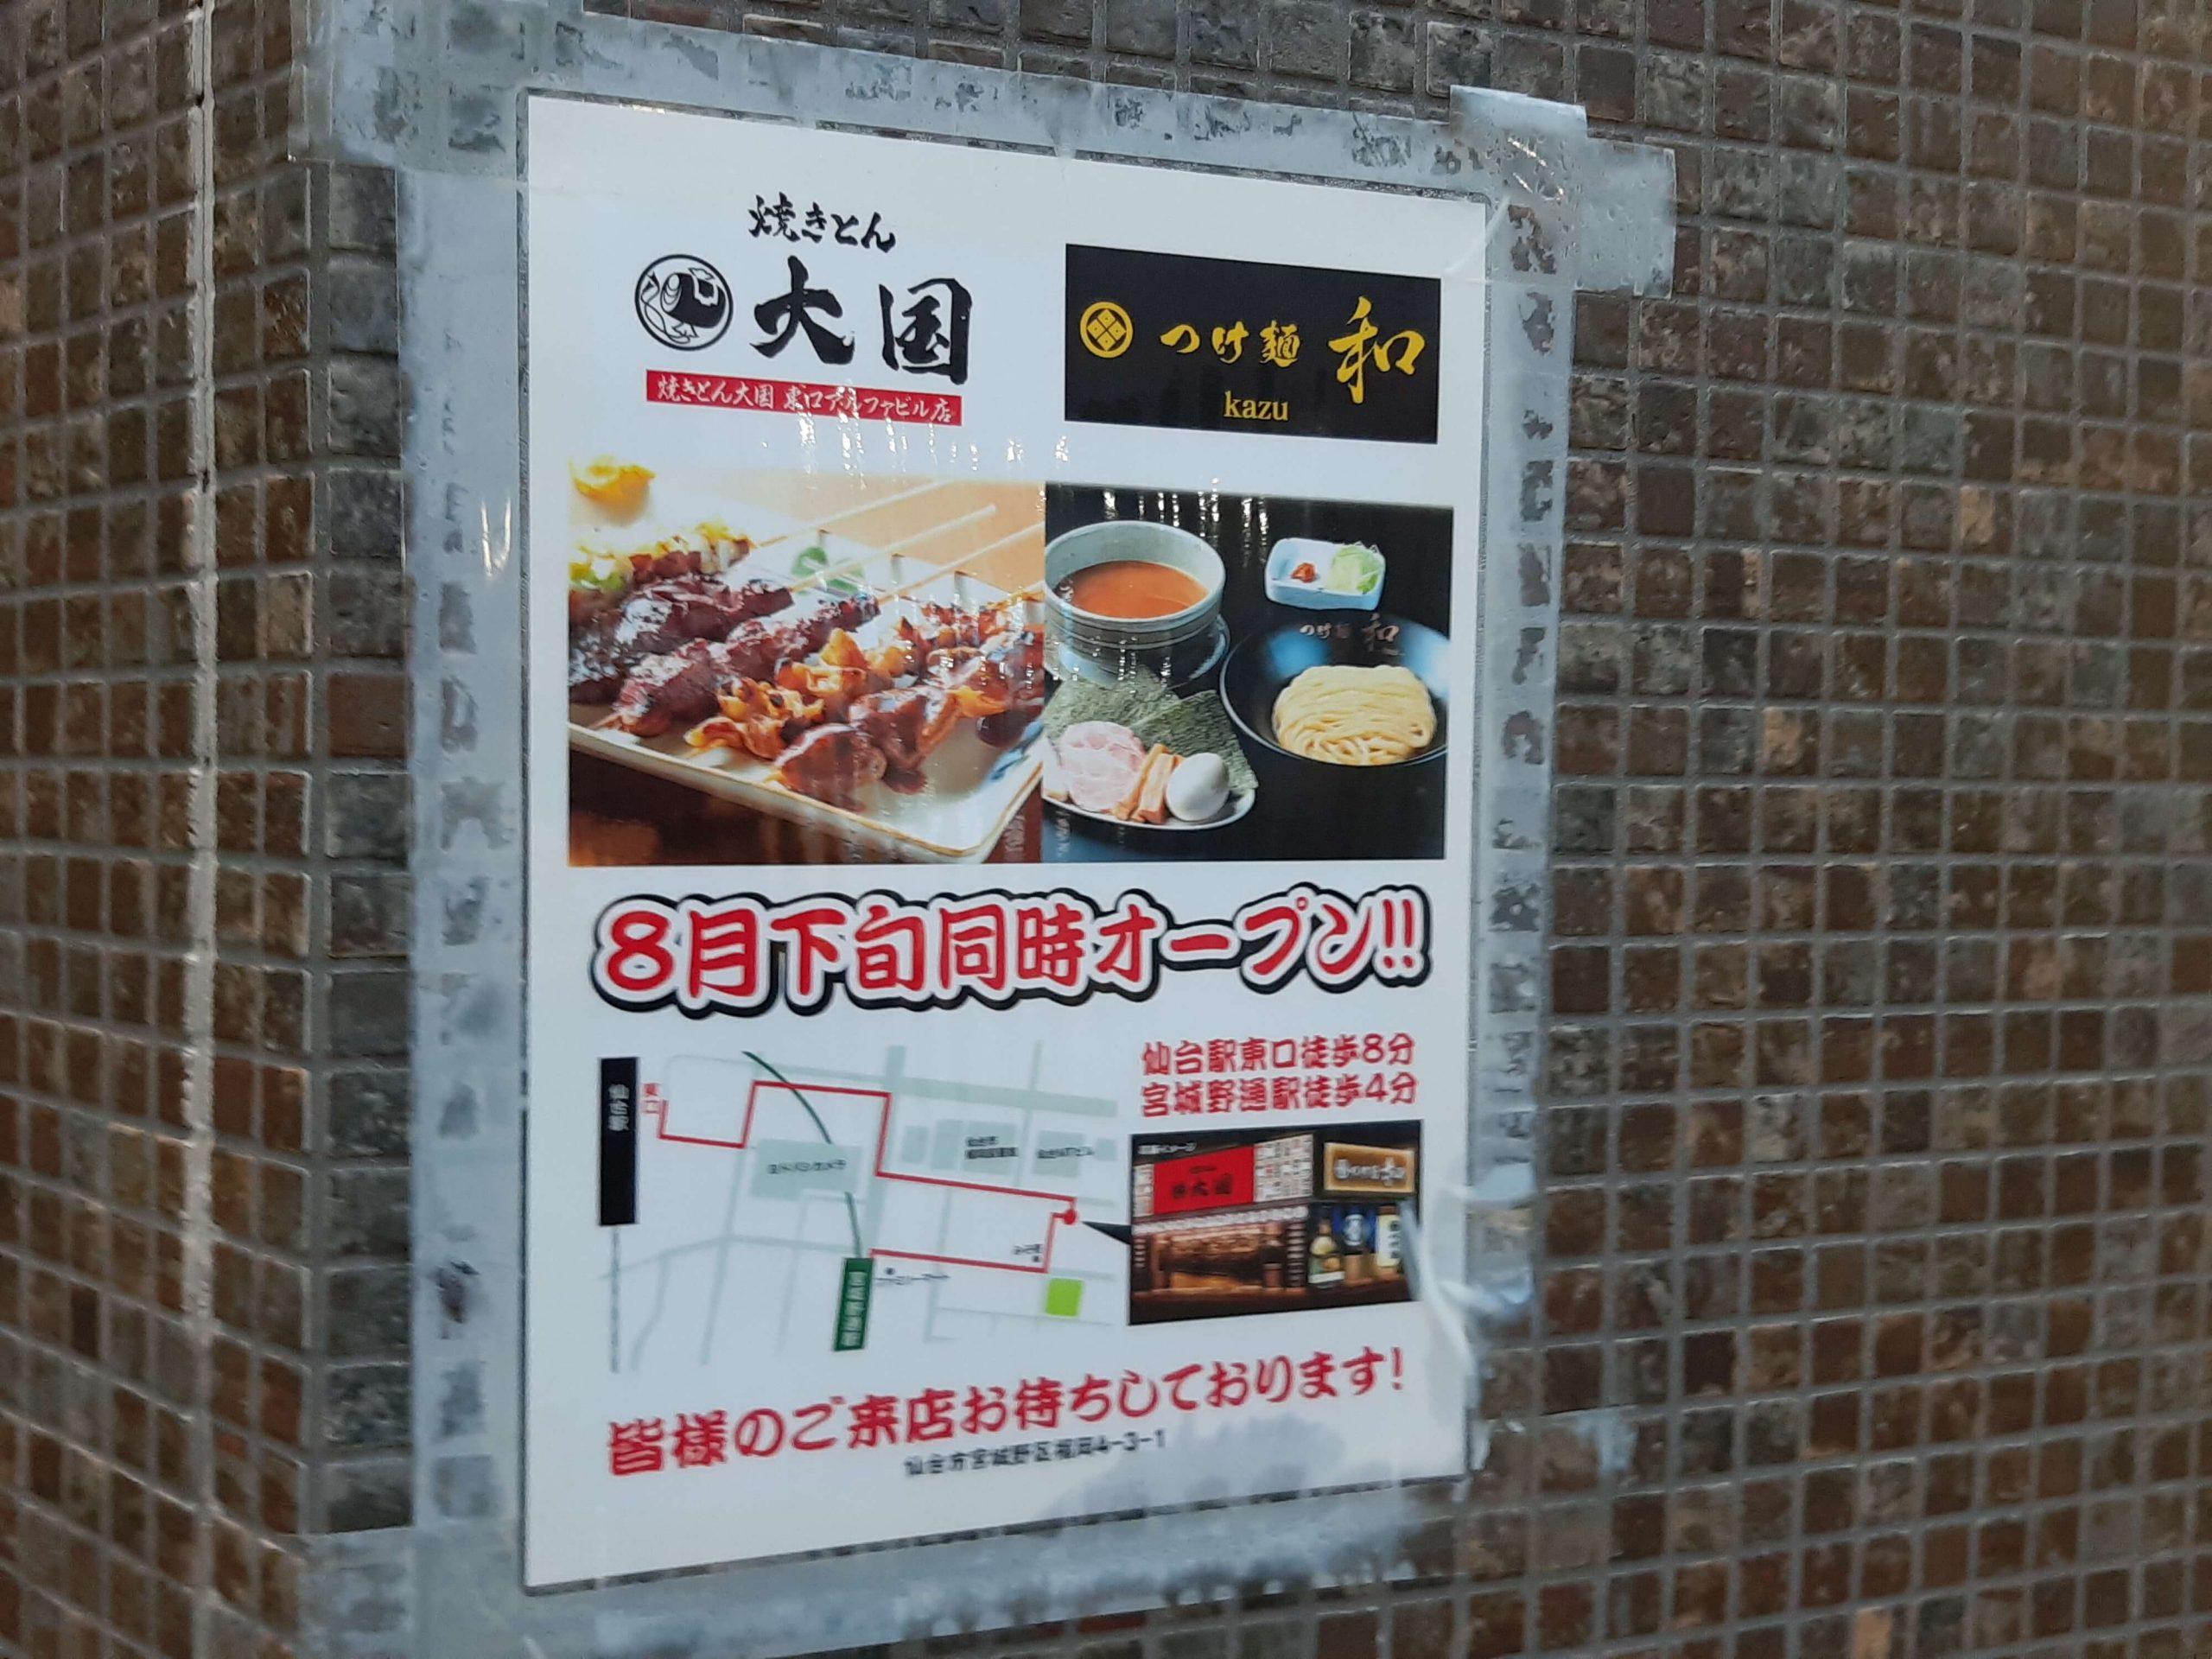 人気店 『つけ麺 和』4号店が仙台駅東口の利久跡地に8月下旬開店!